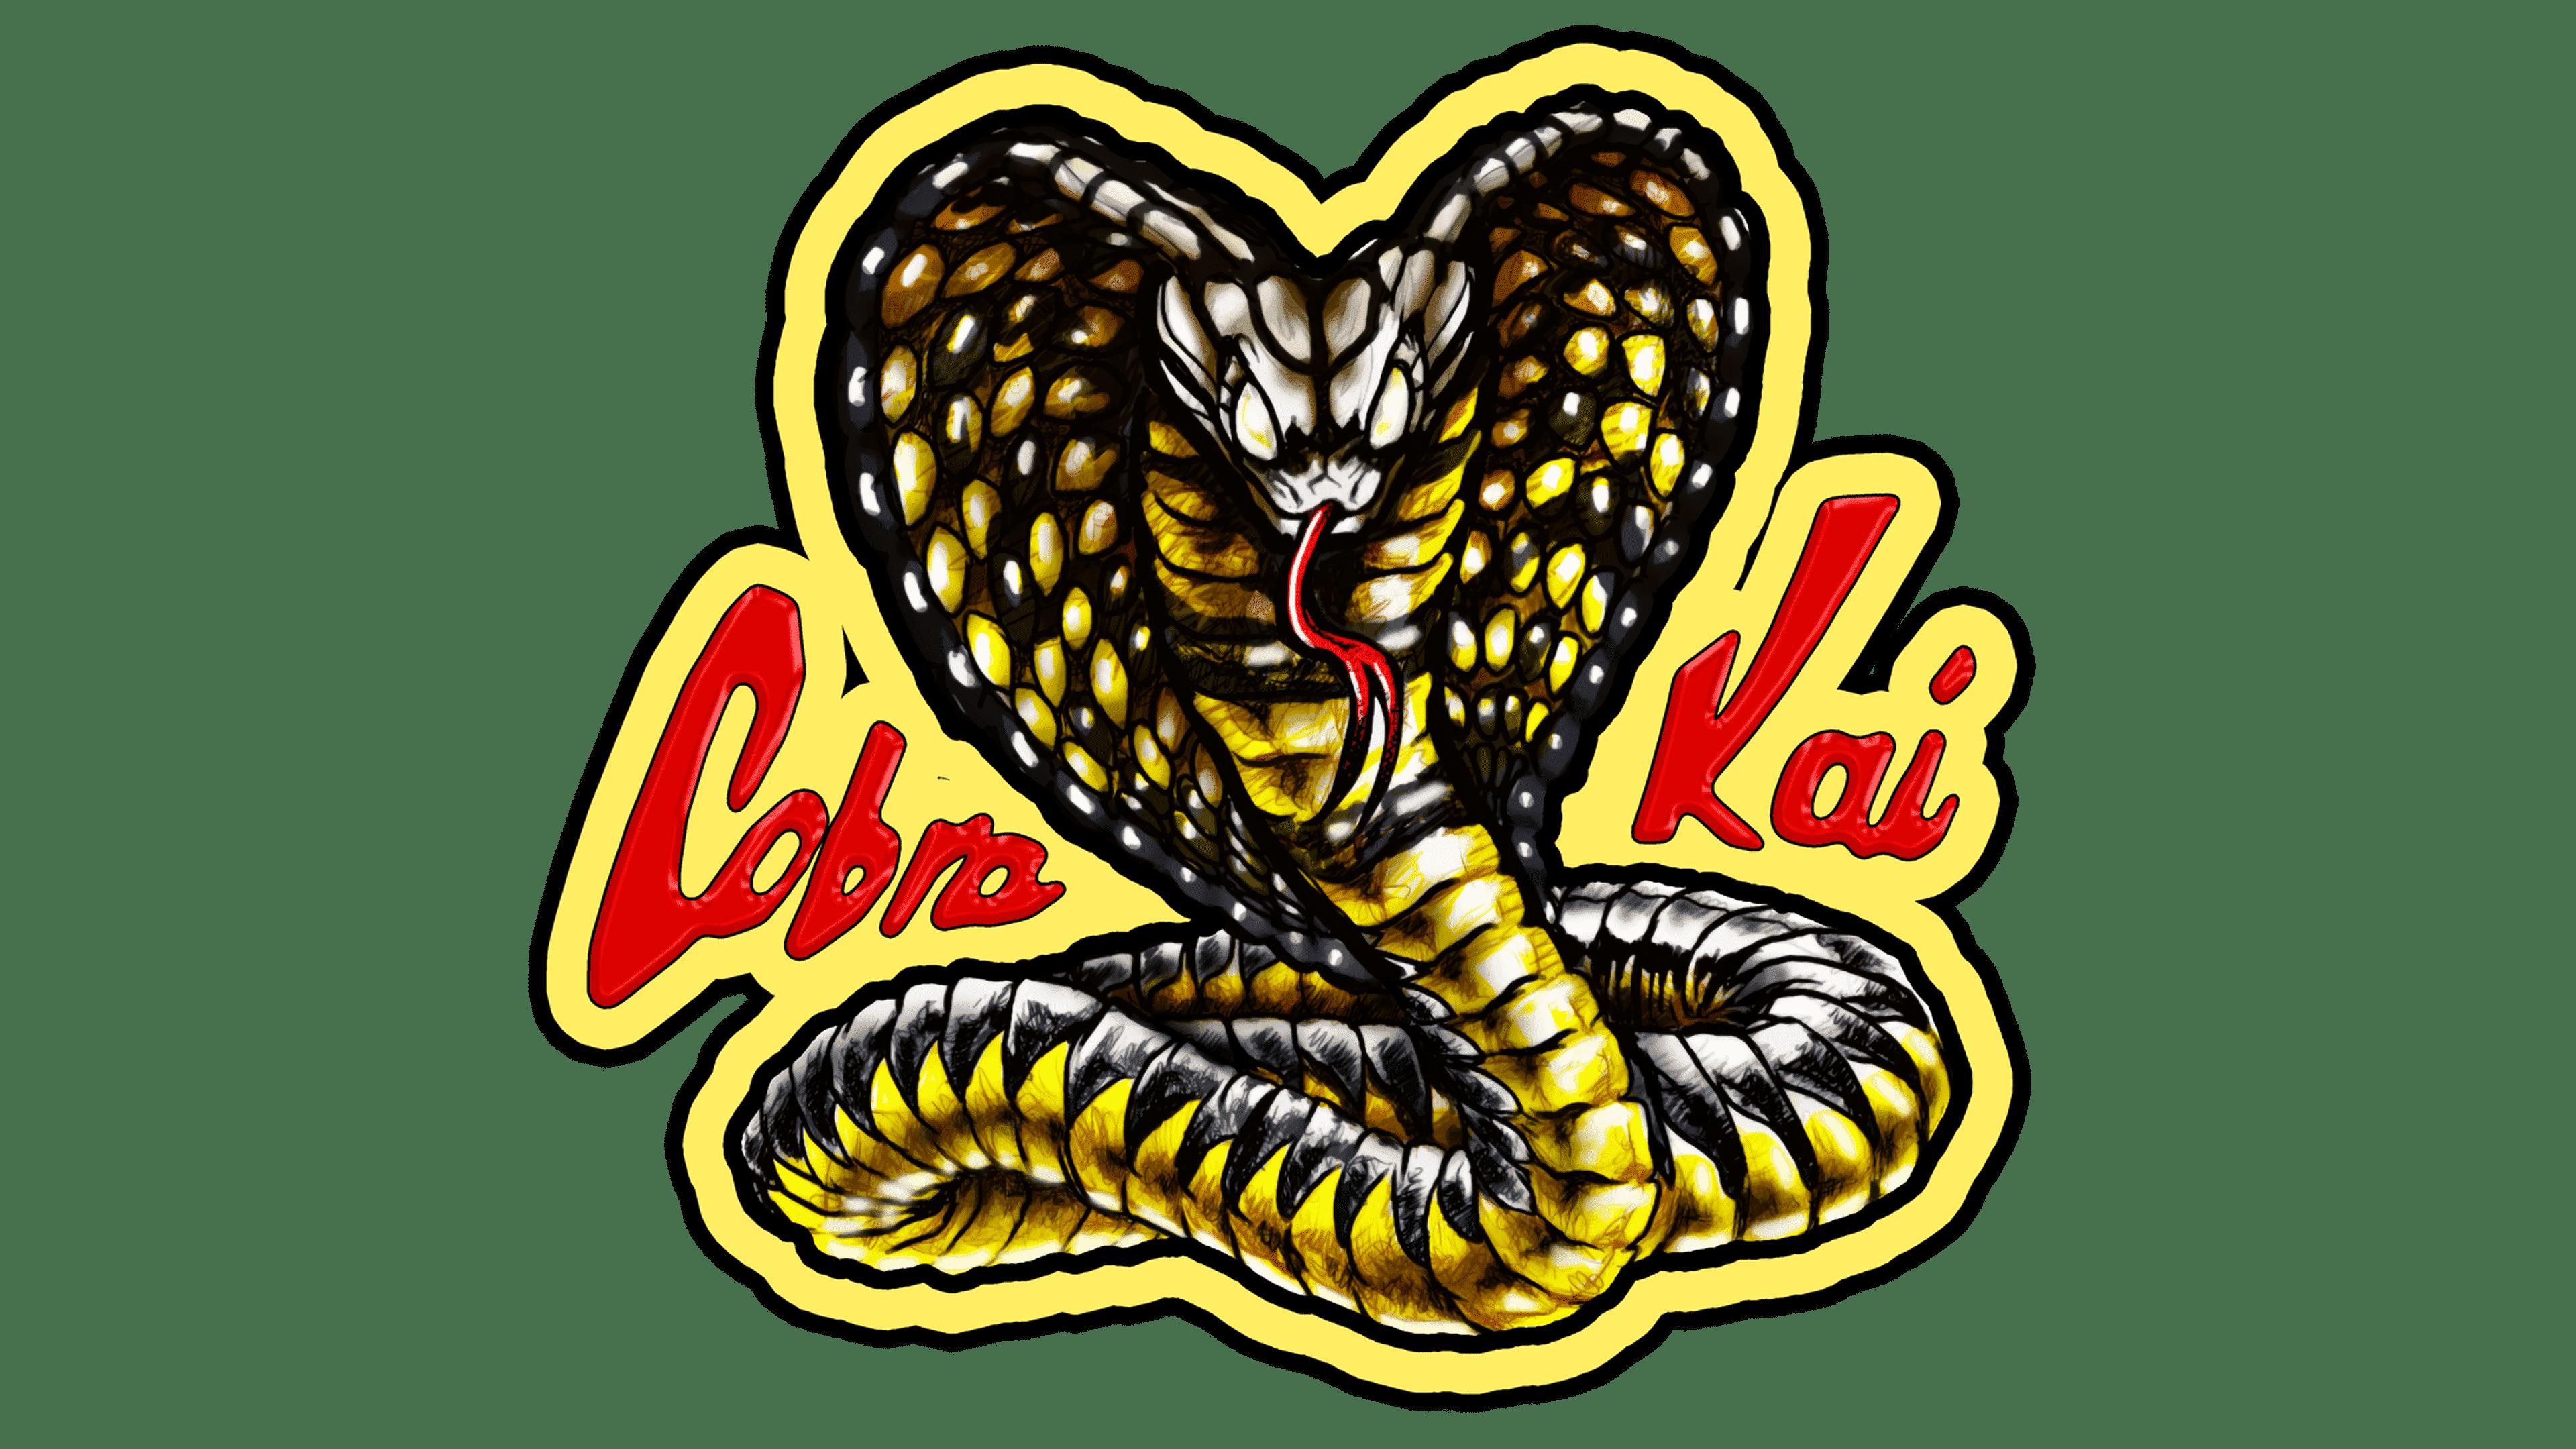 Cobra Kai Logo Logo